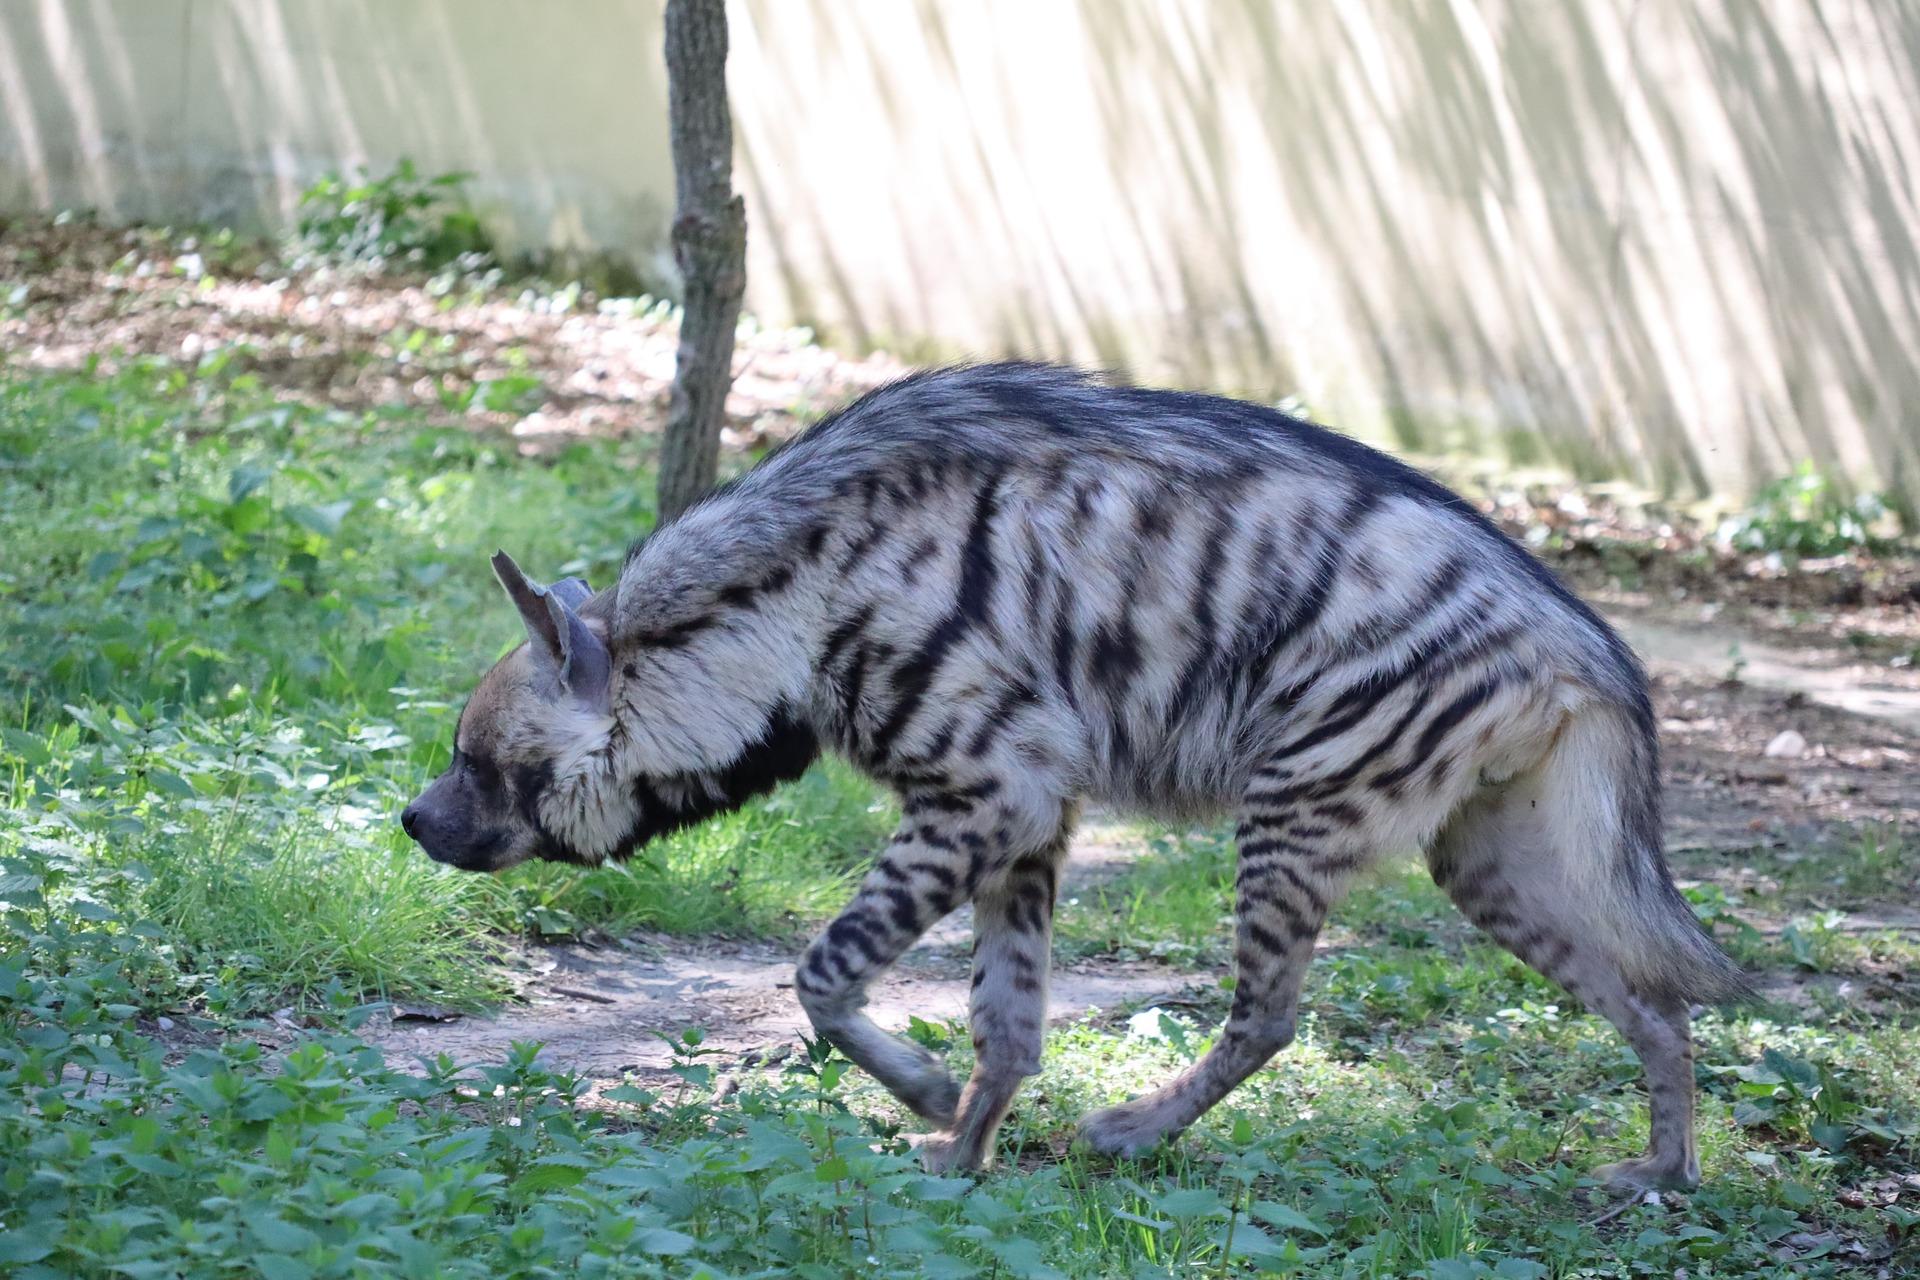 Striped Hyena, Hyaena hyaena